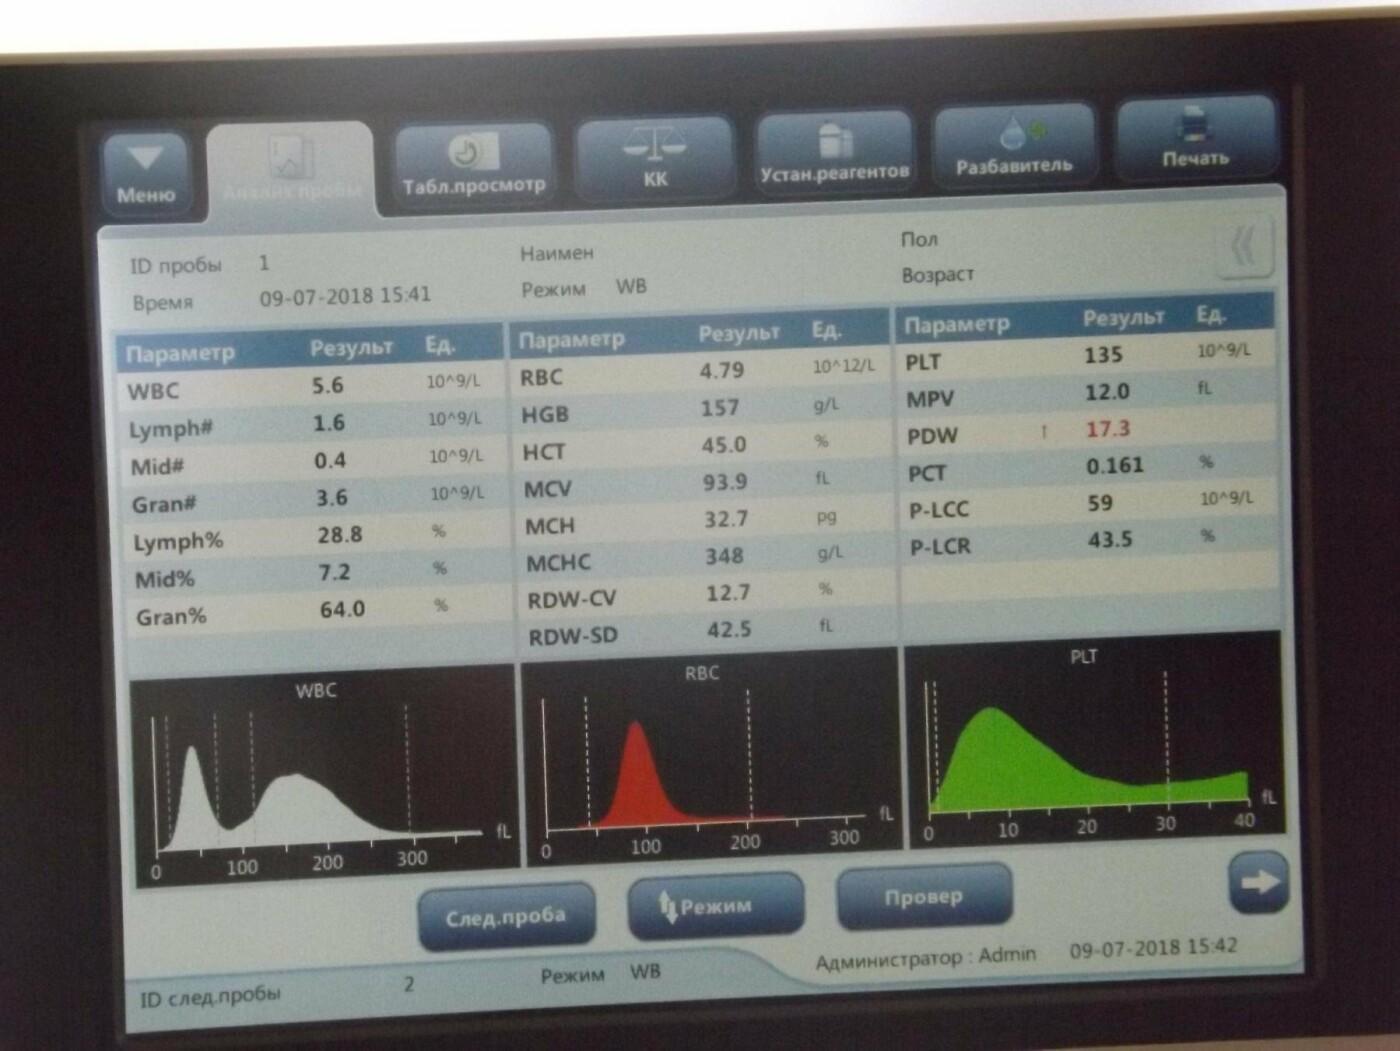 Чекати не доведеться: на Волині результати аналізу крові отримують миттєво, фото-1